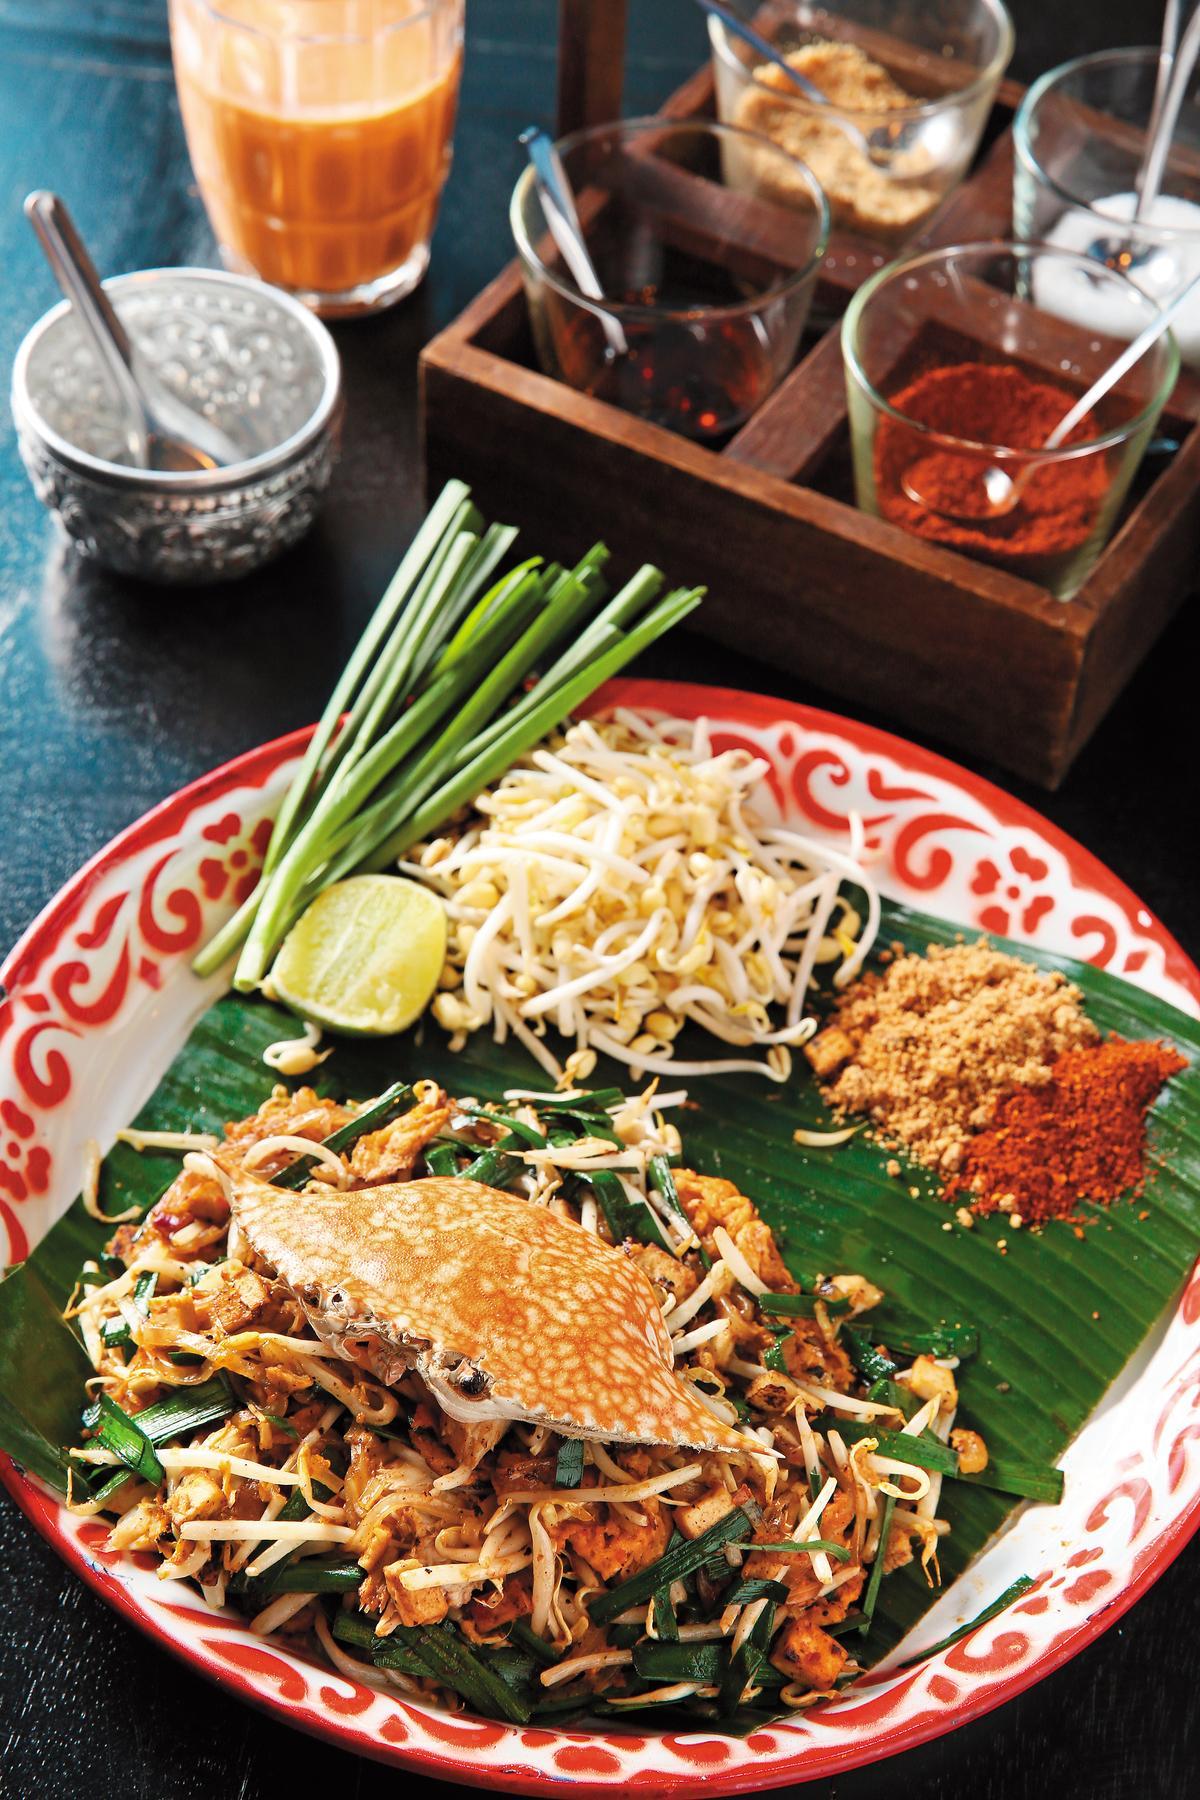 「Phad Thai Phoo」炒進螃蟹肉,衝擊的視覺感,吸引很多人特地來訪。(泰銖280元/份,約NT$250)